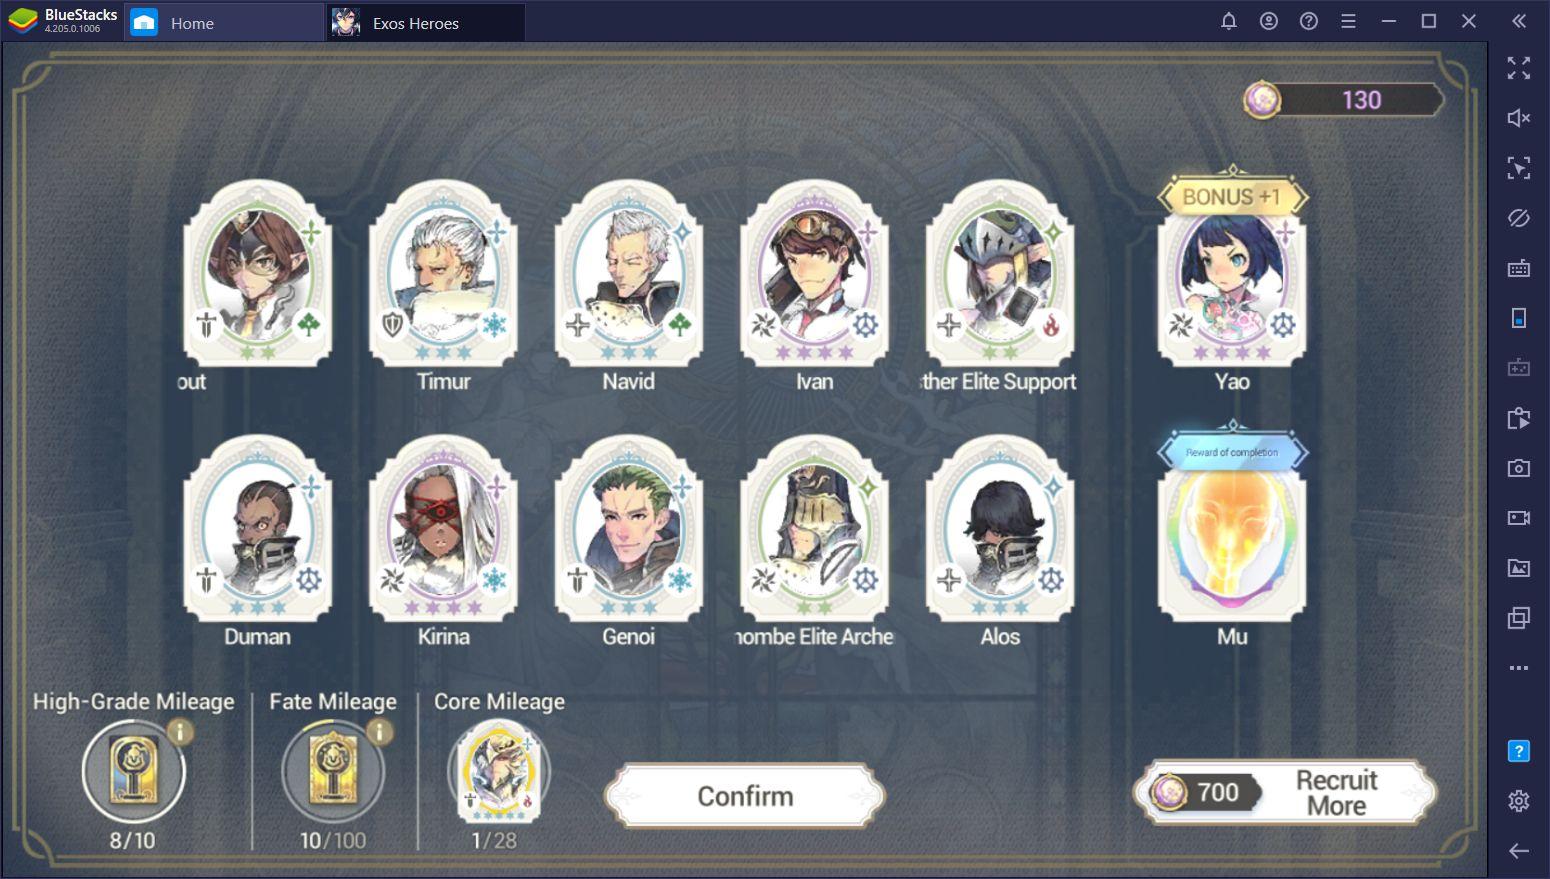 Le reroll dans Exos Heroes - Invoquer les meilleurs personnages du jeu